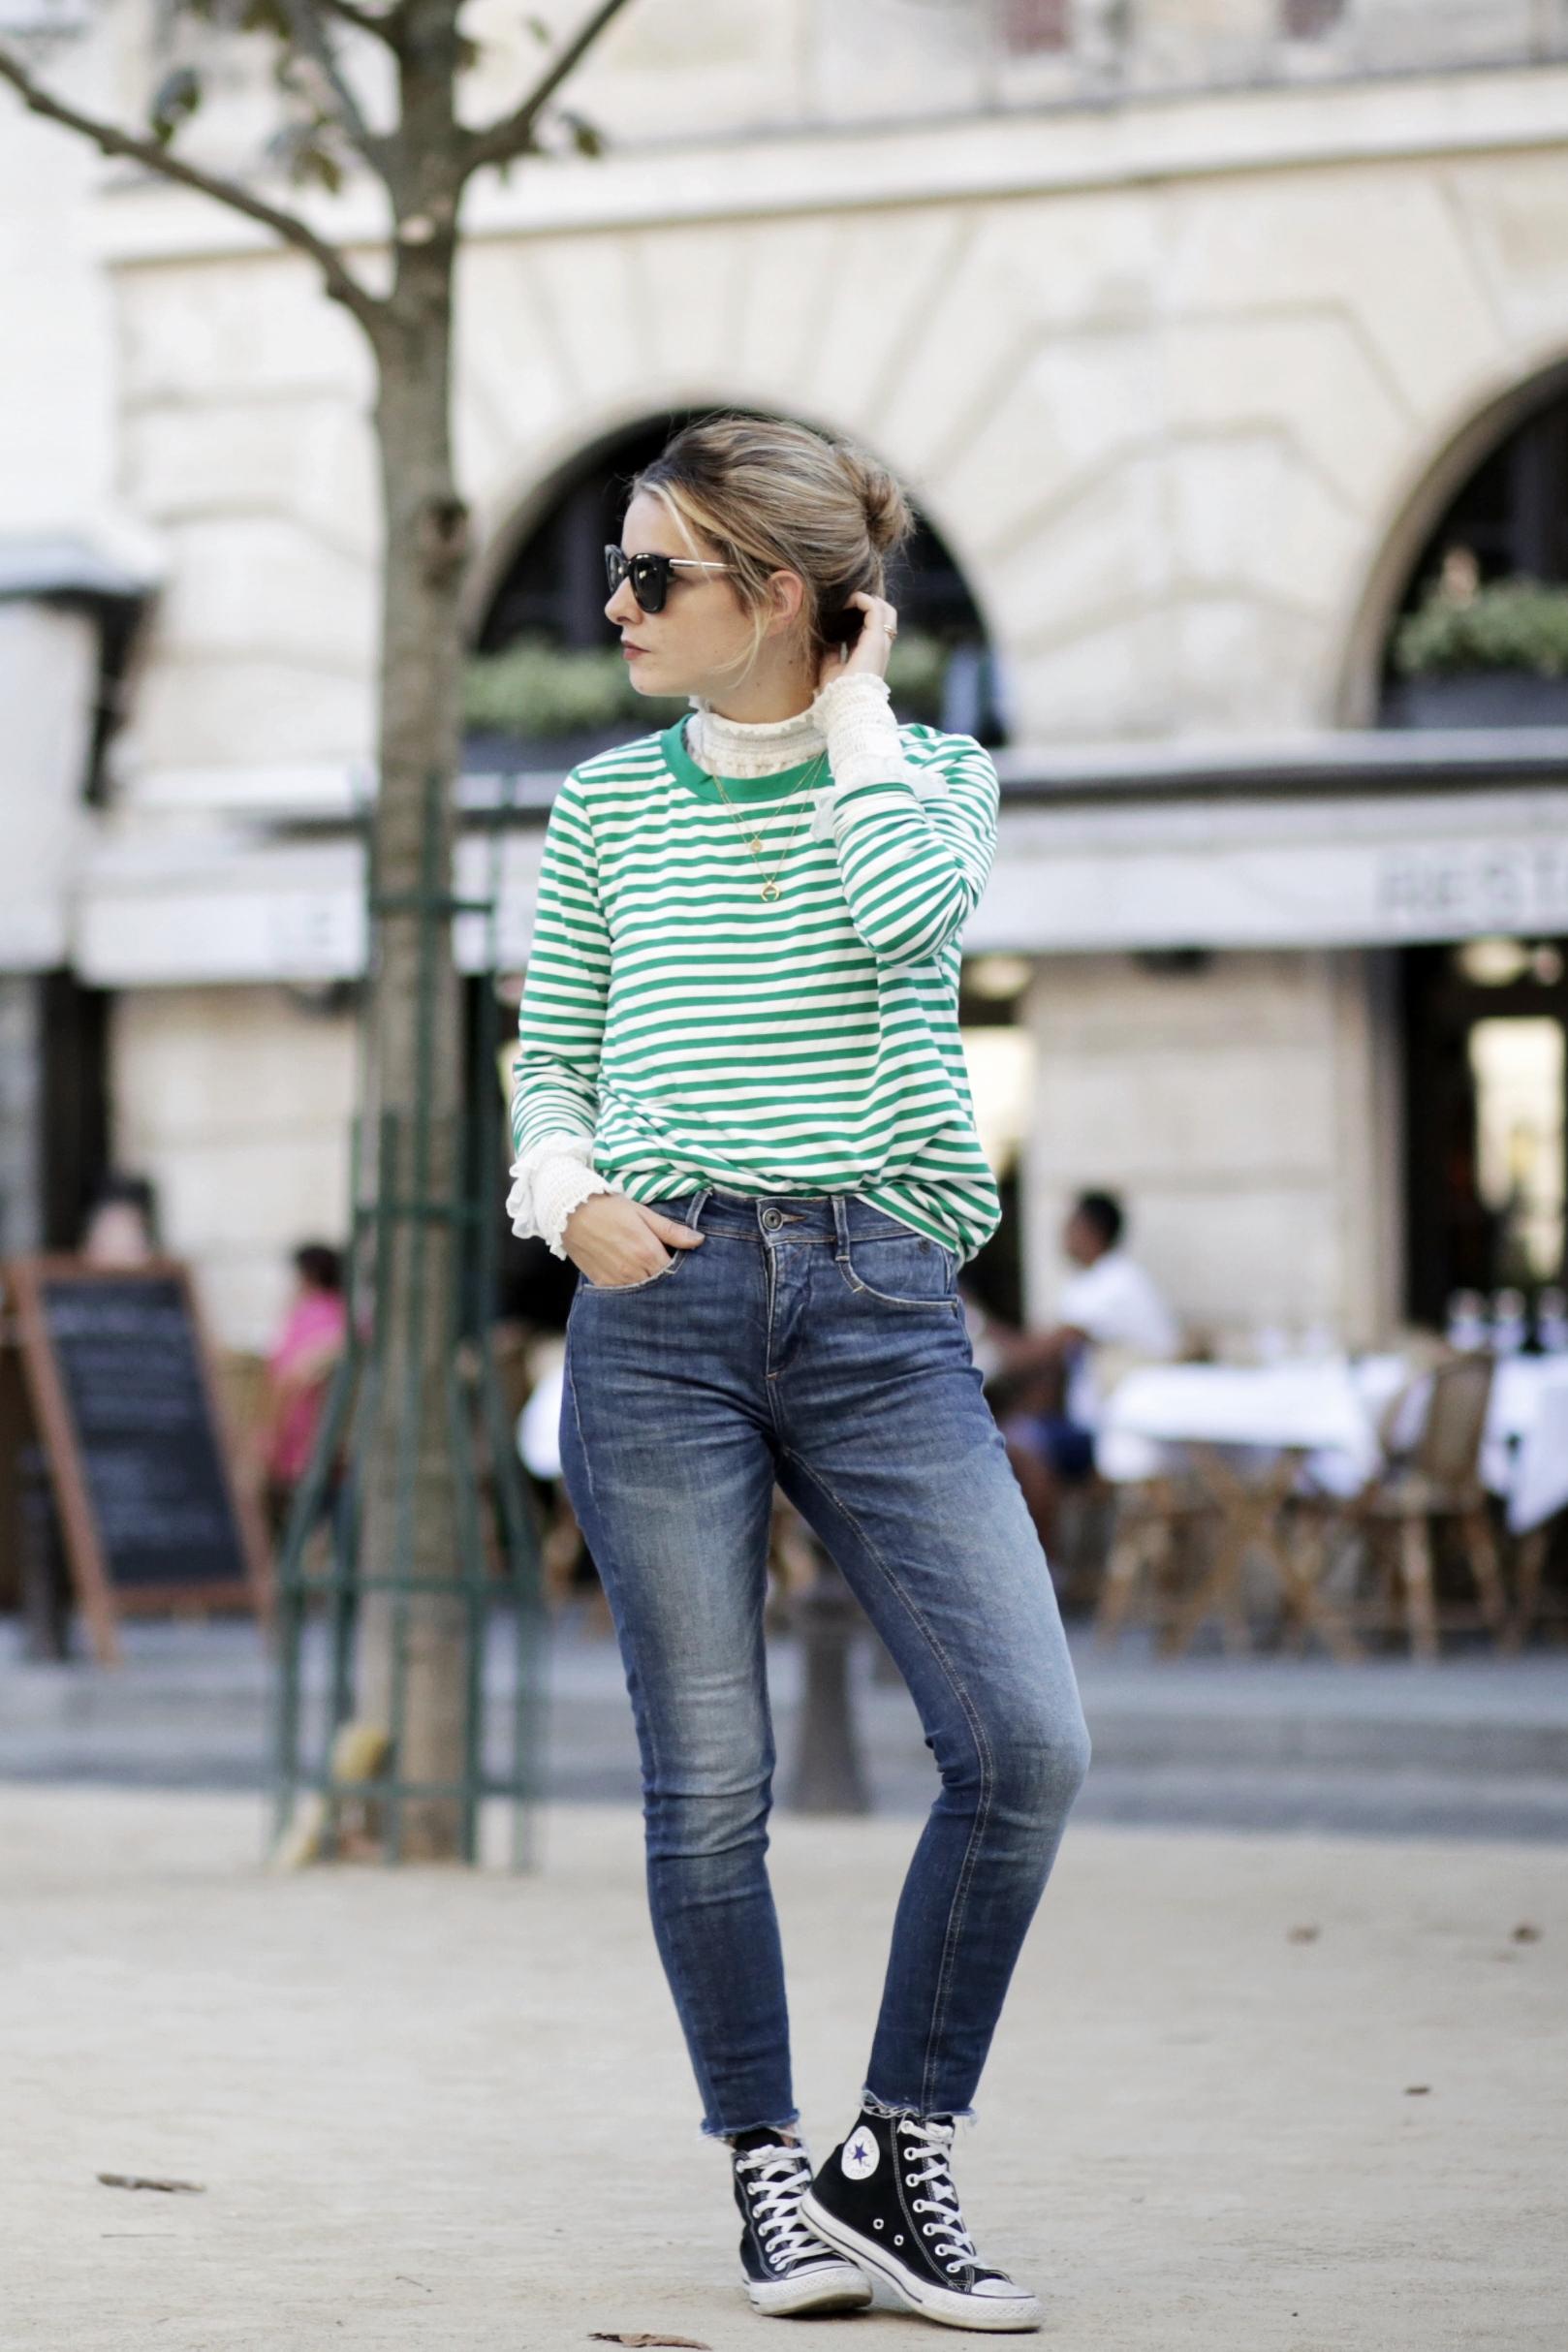 street-style-mathilde-margail-minimalism-style-4